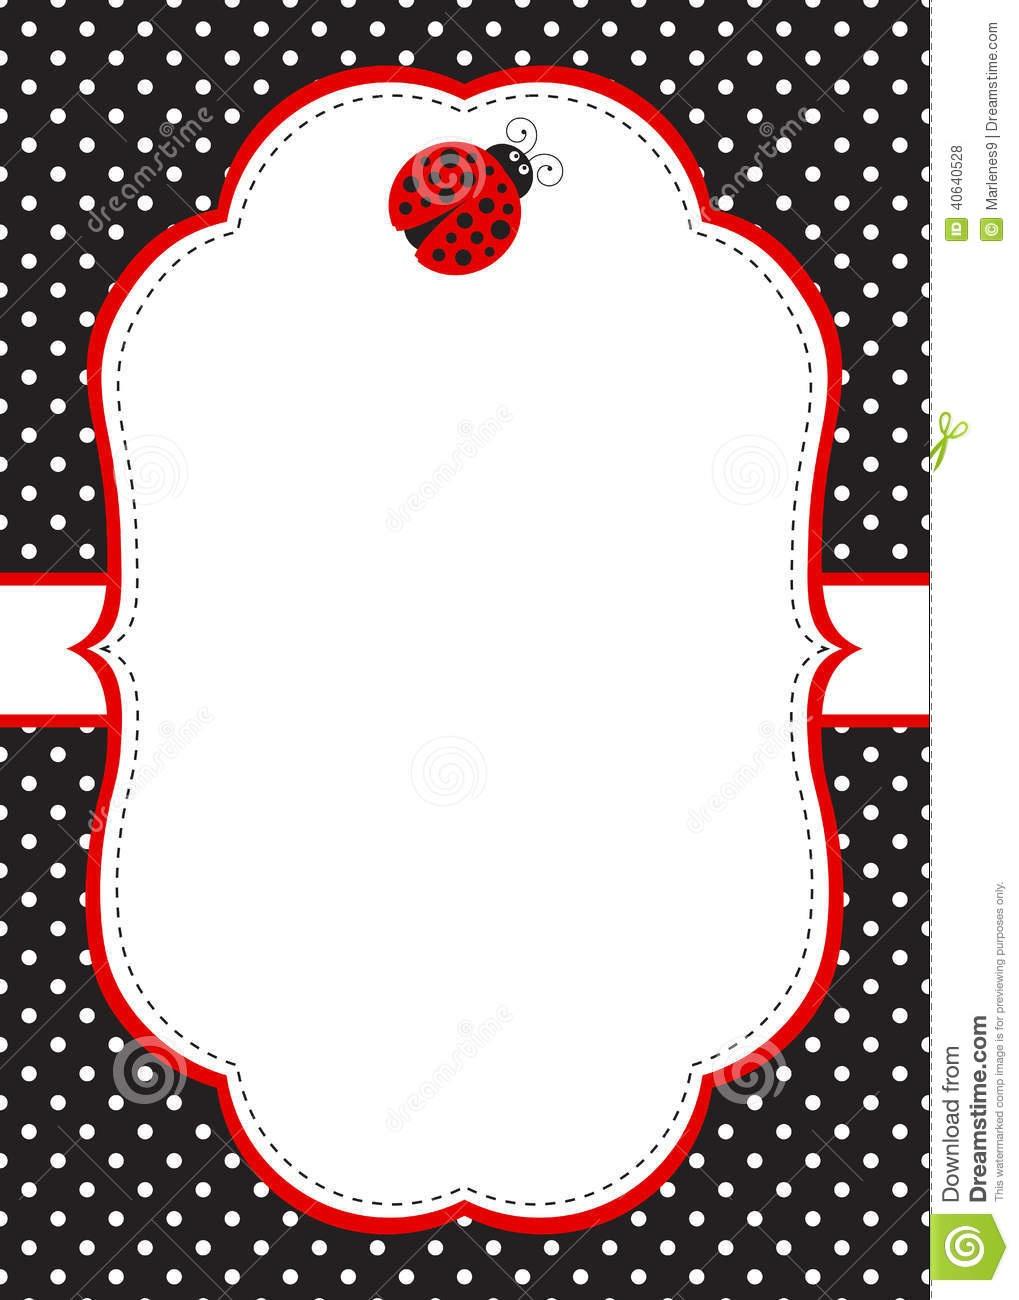 Ladybug Invitation Template Stock Vector - Illustration Of Birthday - Free Printable Ladybug Invitations